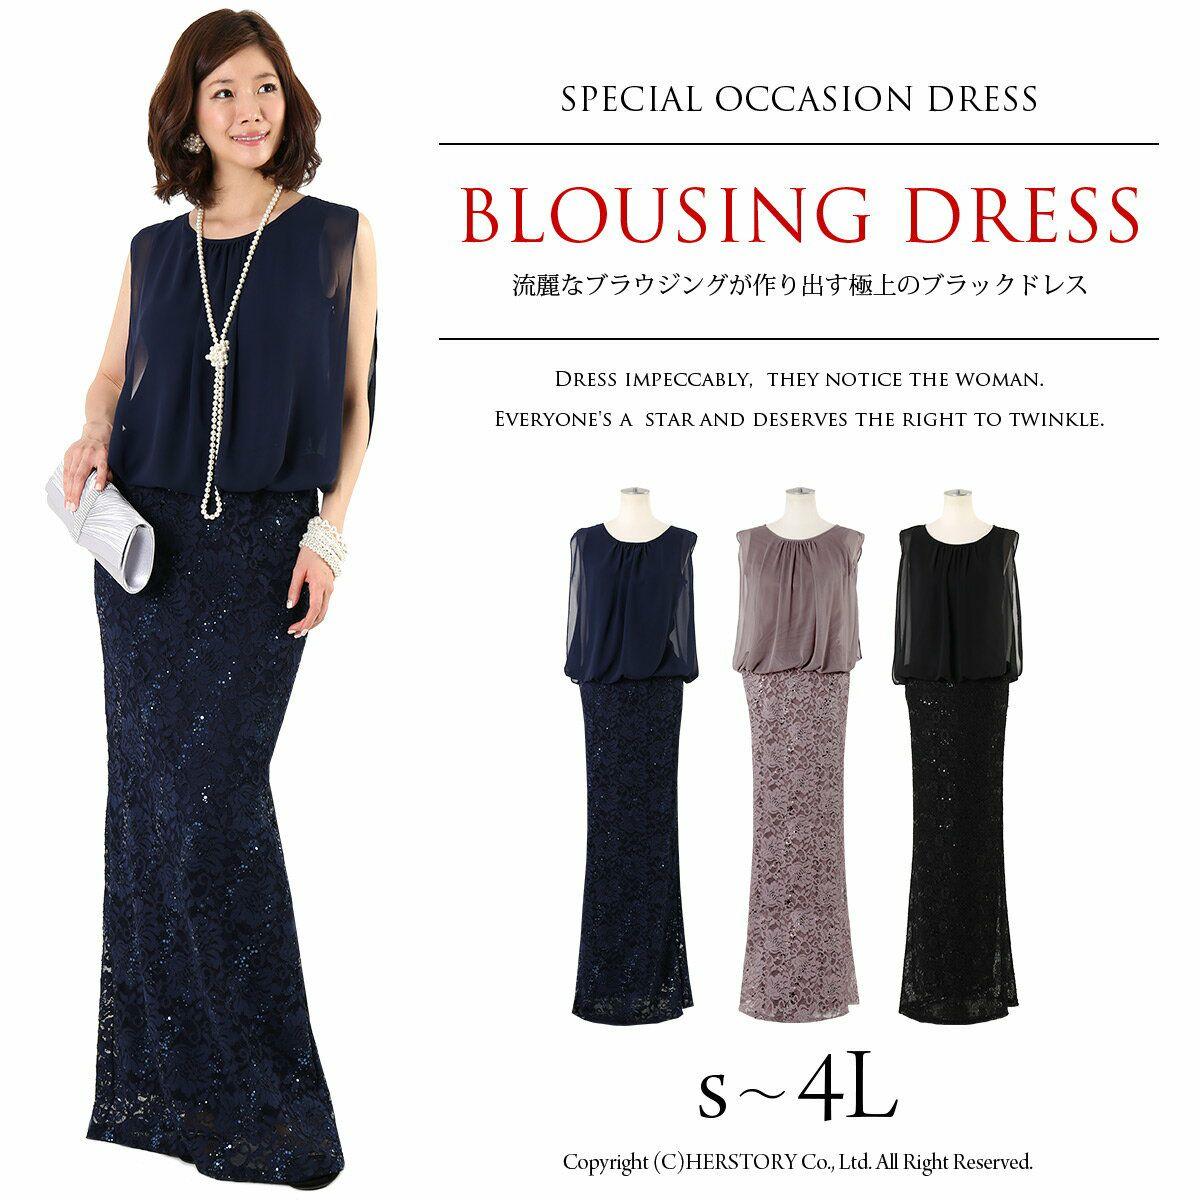 流麗なドレープ、着やせ効果のあるデザインのロングドレス